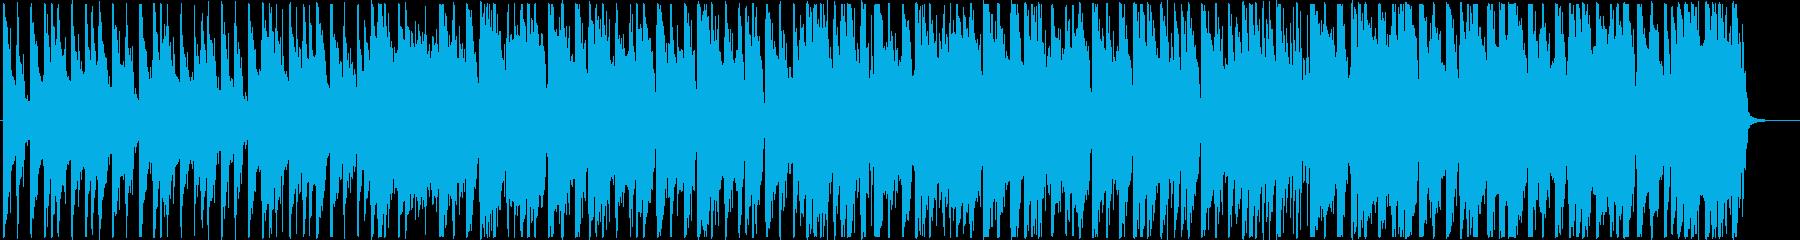 切ないR&B調の4つ打ちシティポップの再生済みの波形